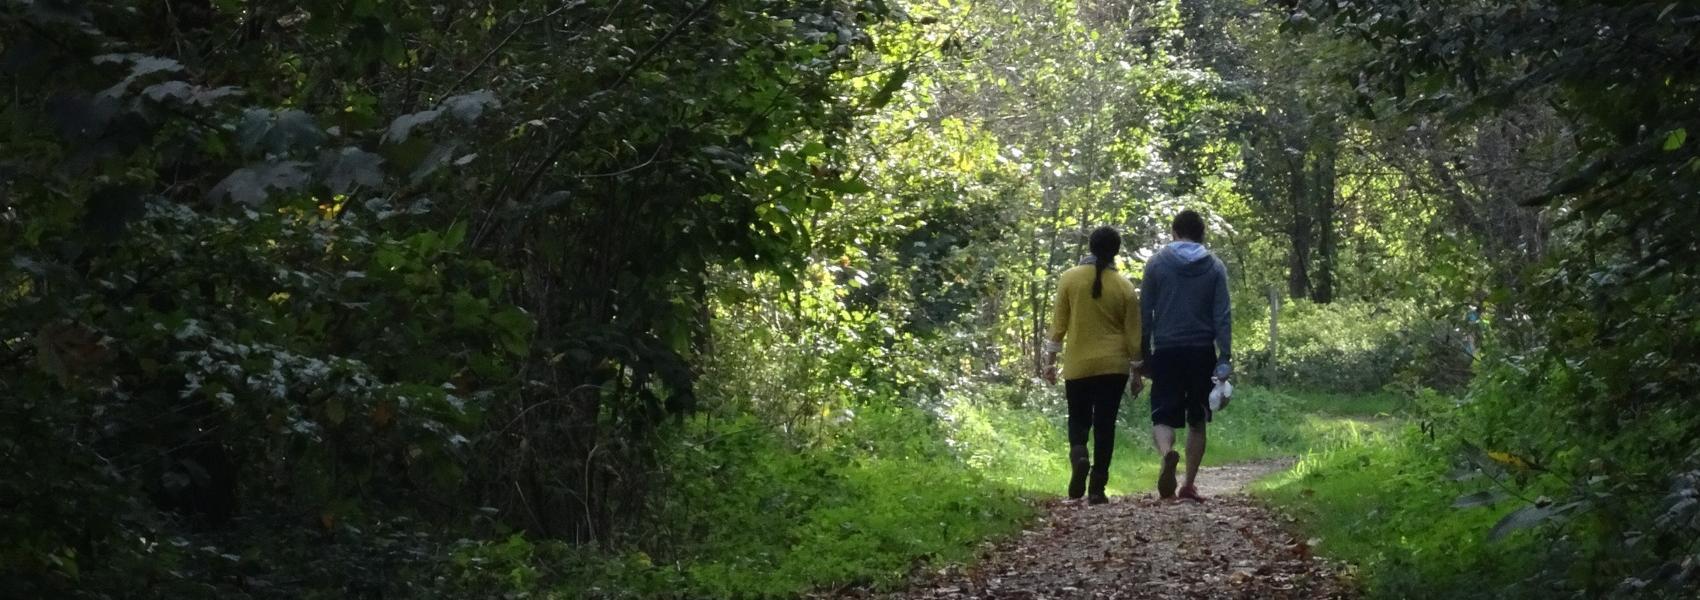 2 wandelaars